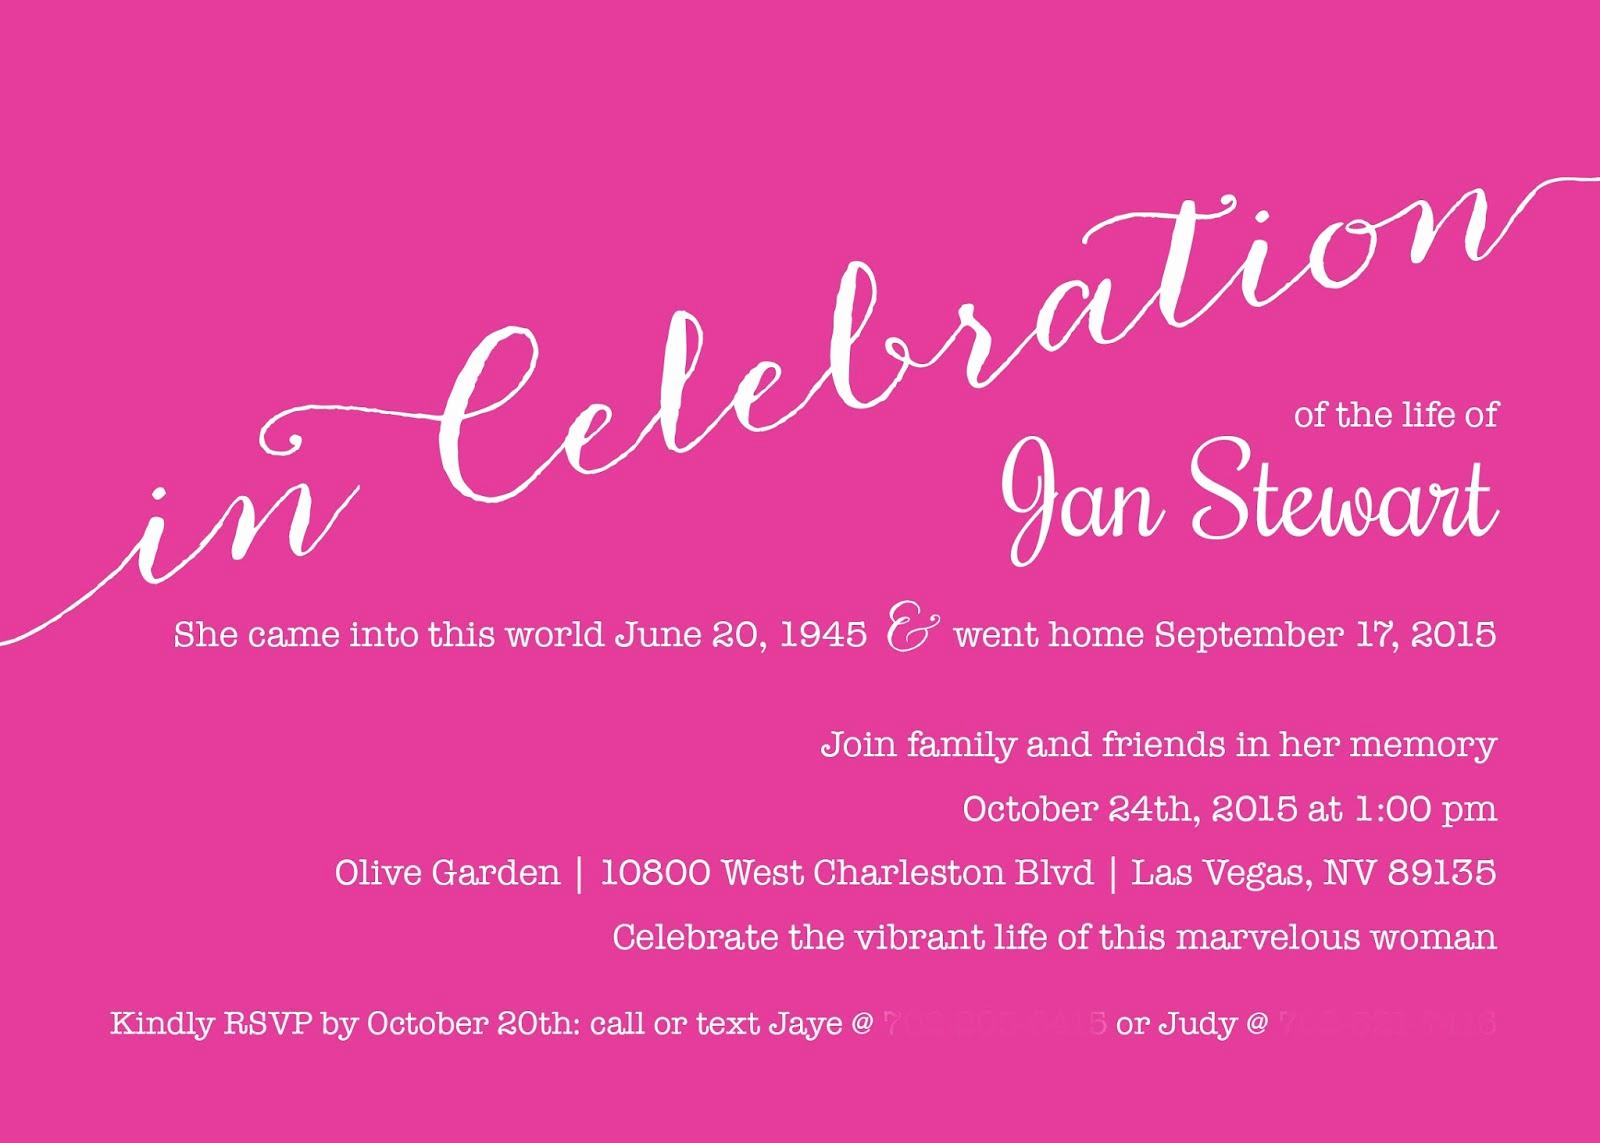 Celebration Of Life Invitation Wording Luxury 1st Impressions Invitations Celebrating A Cherished Life